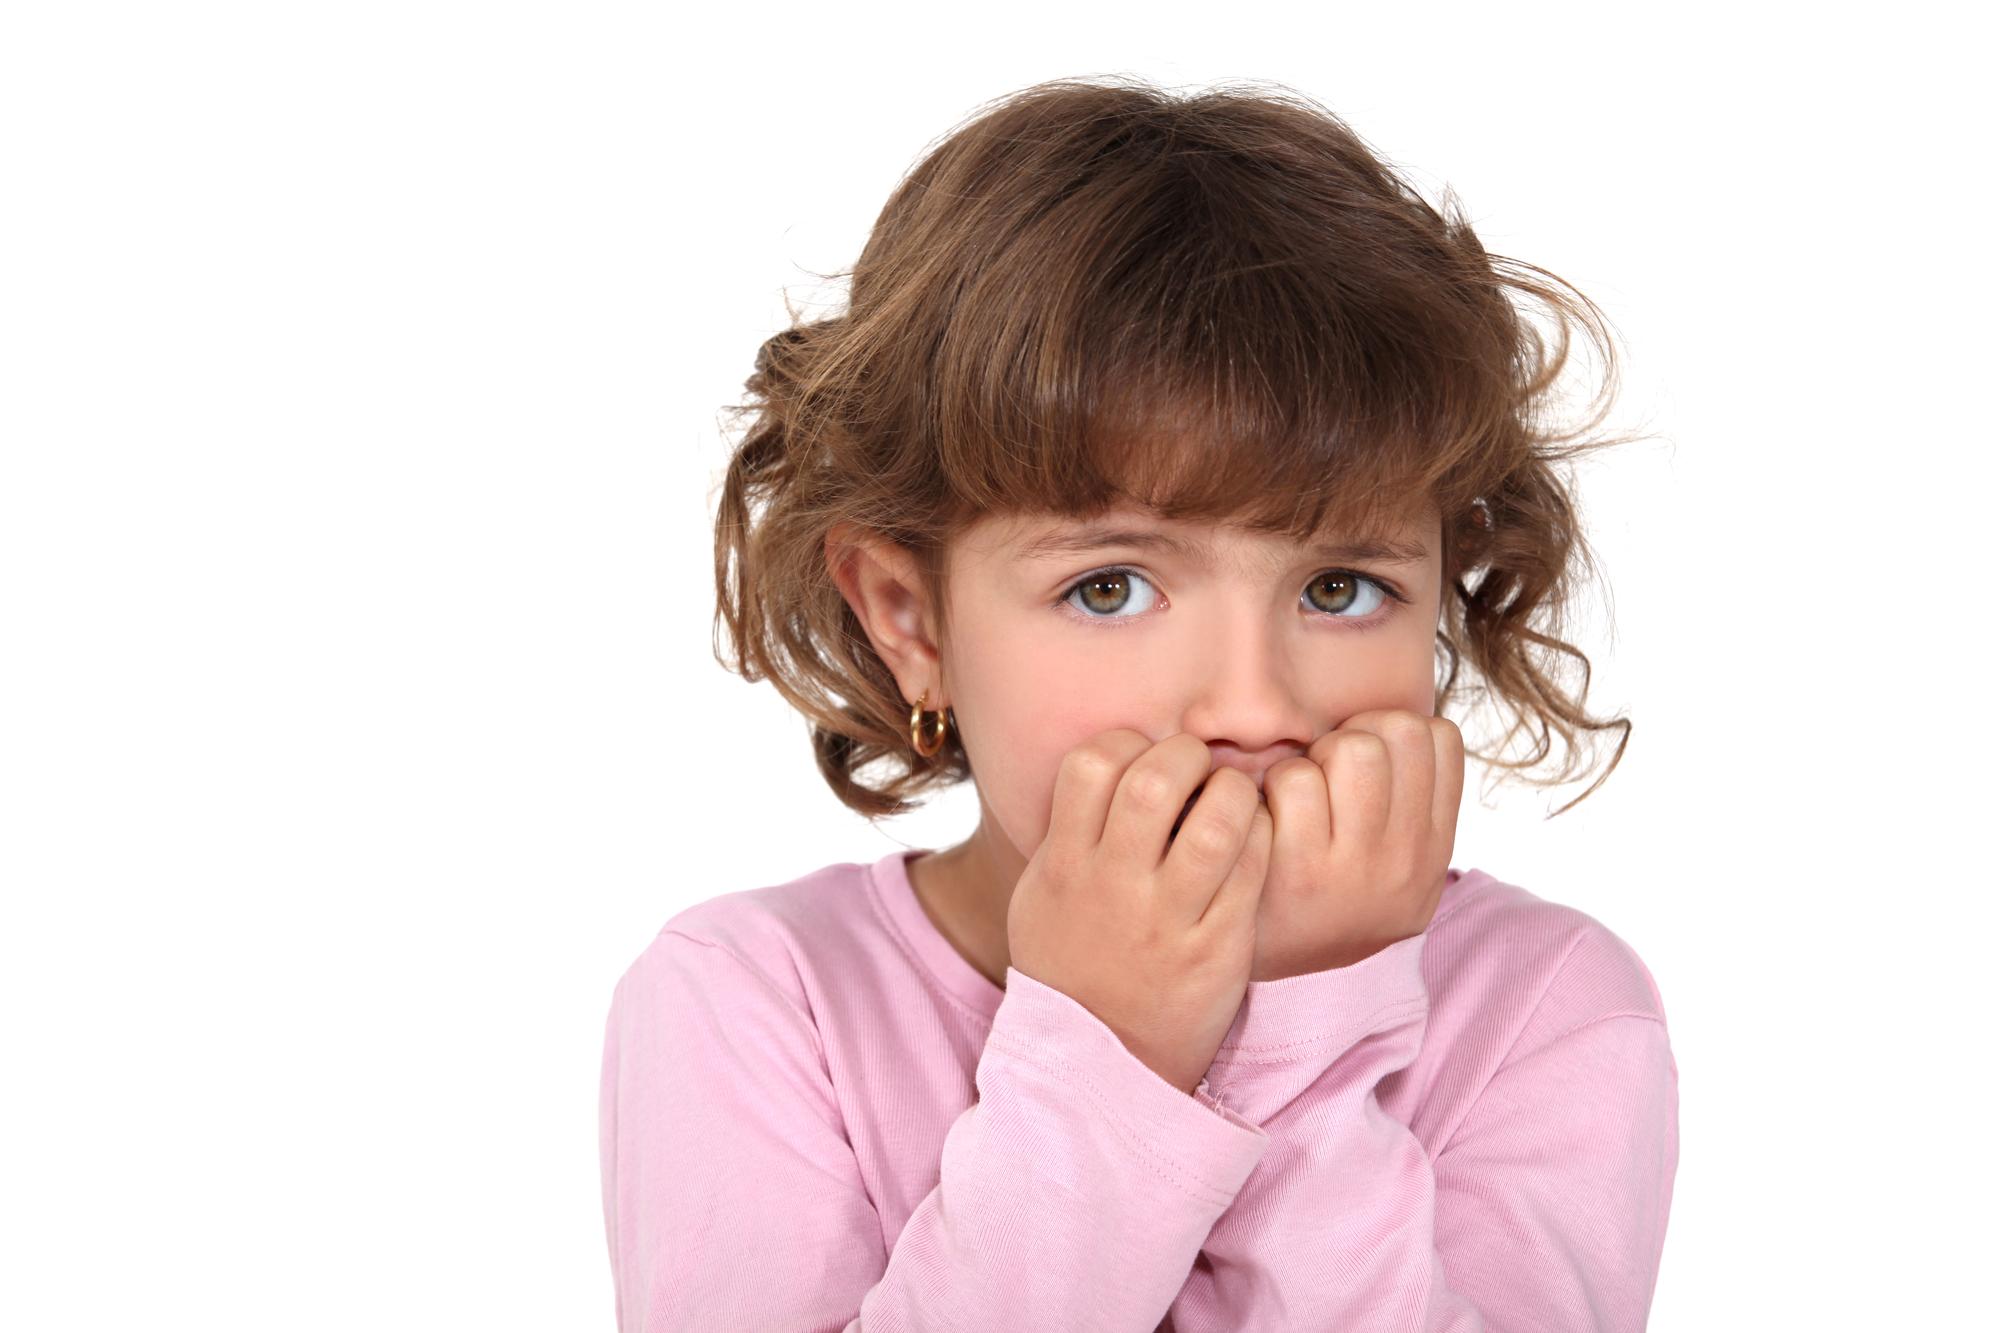 dem aus von Atem Mund eines Behandlung KindesUrsachen und 4ARq3j5L